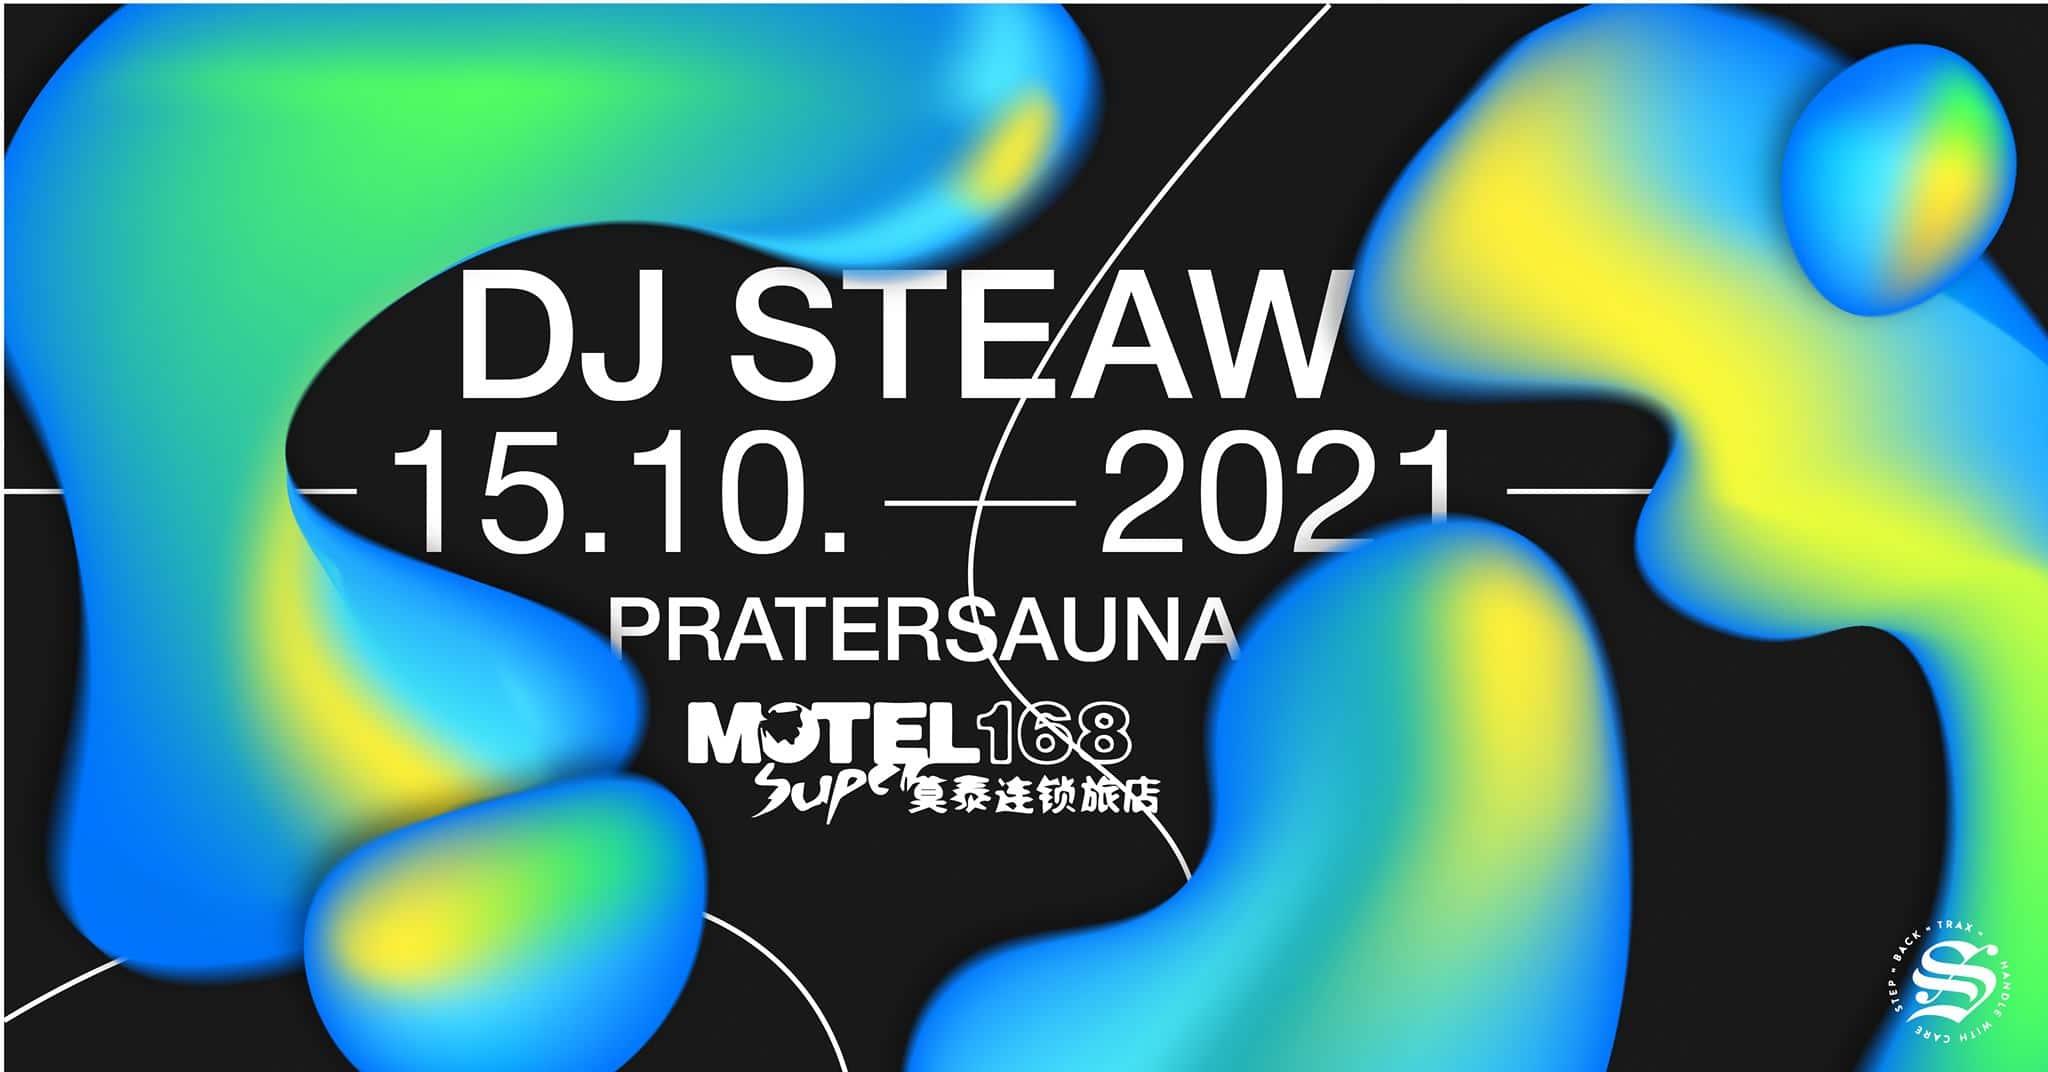 Events Wien: Super Motel 168 w/ DJ STEAW